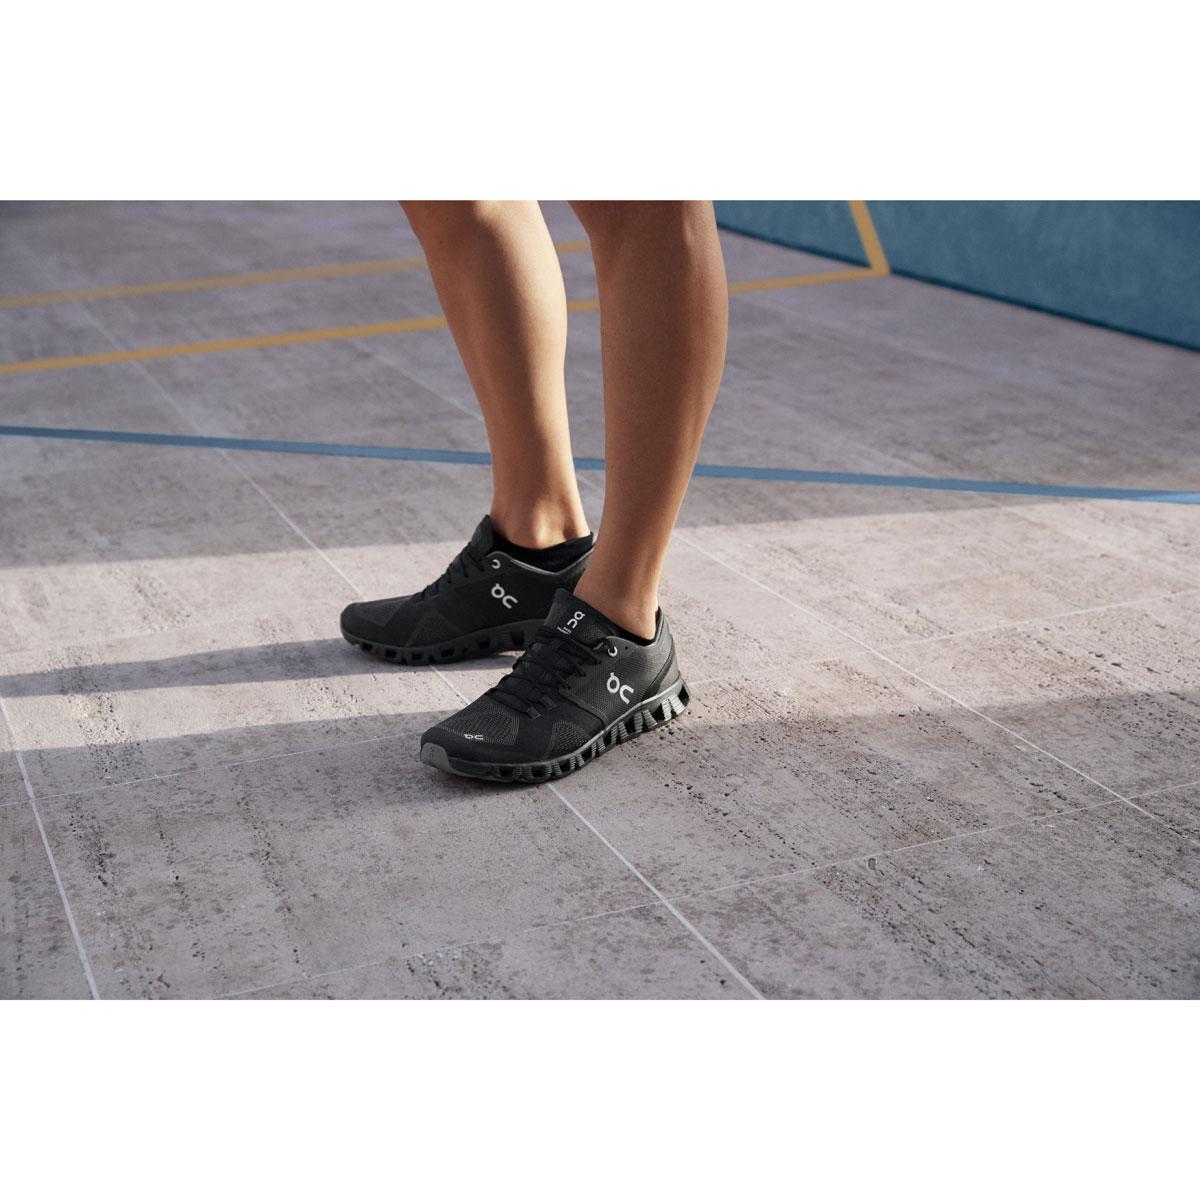 Men's On Cloud X 2.0 Running Shoe - Color: Black/Asphalt - Size: 7 - Width: Regular, Black/Asphalt, large, image 7